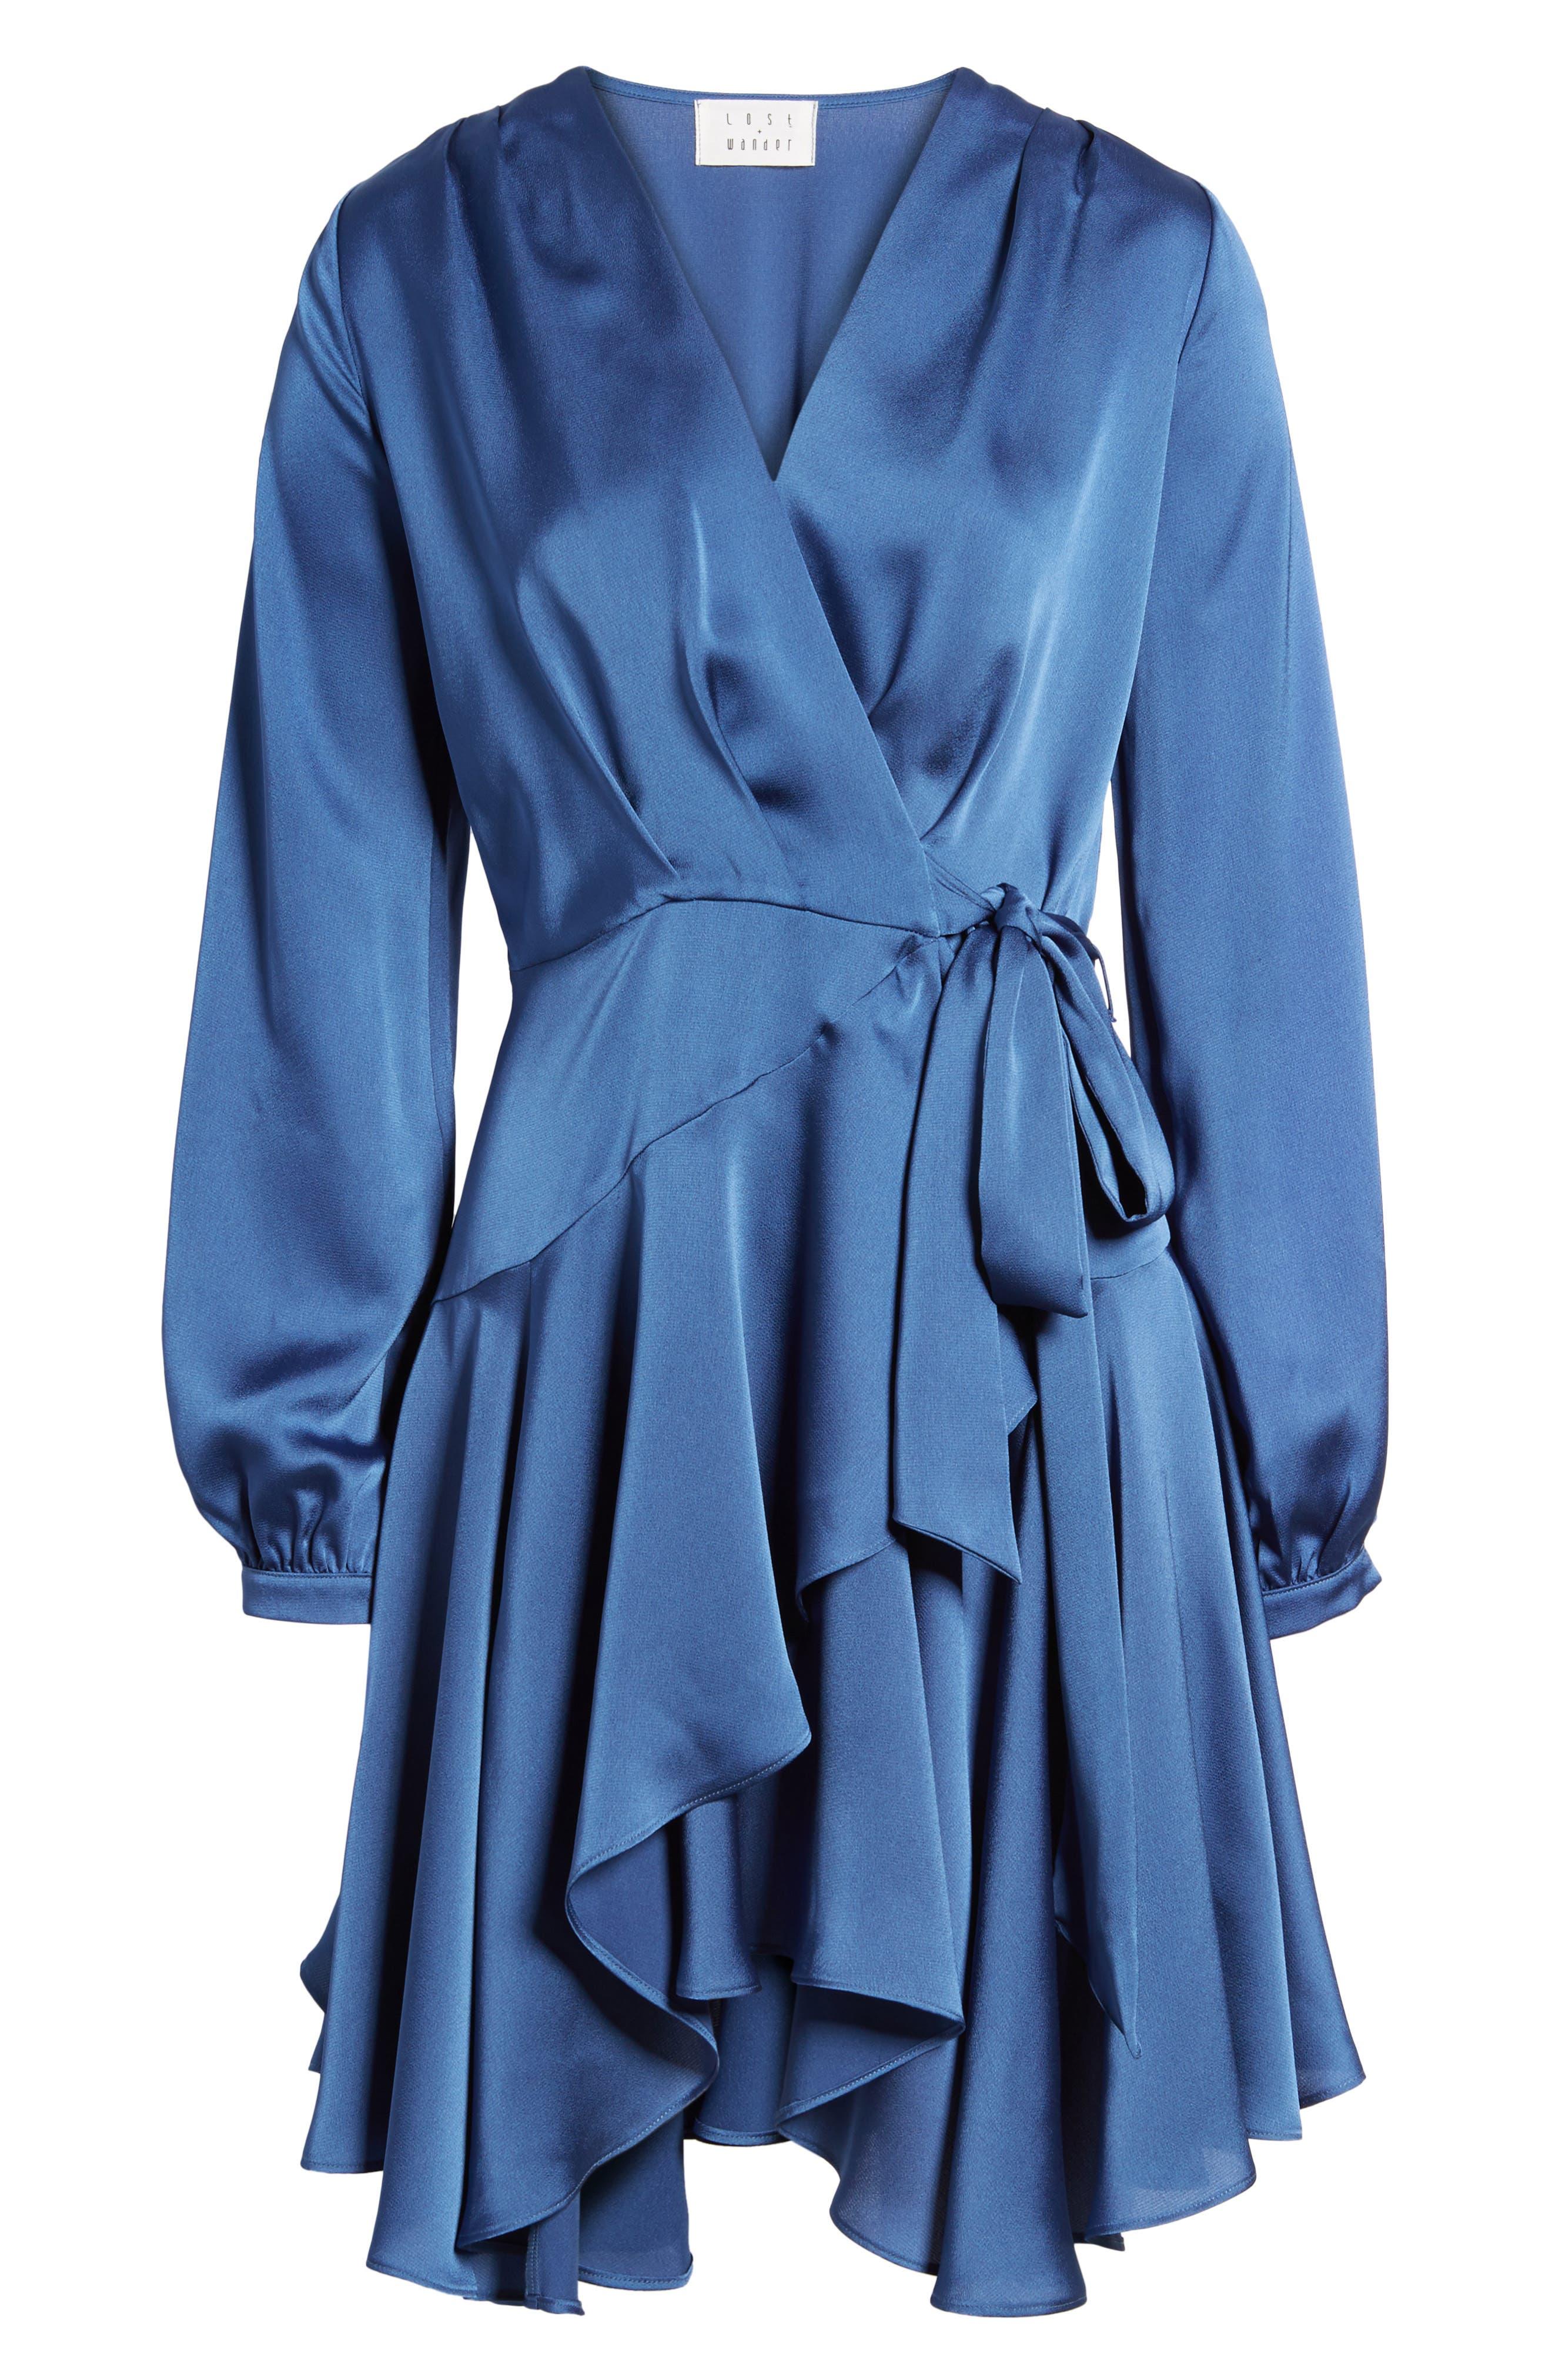 Elsa Satin Ruffle Wrap Minidress,                             Alternate thumbnail 7, color,                             Blue